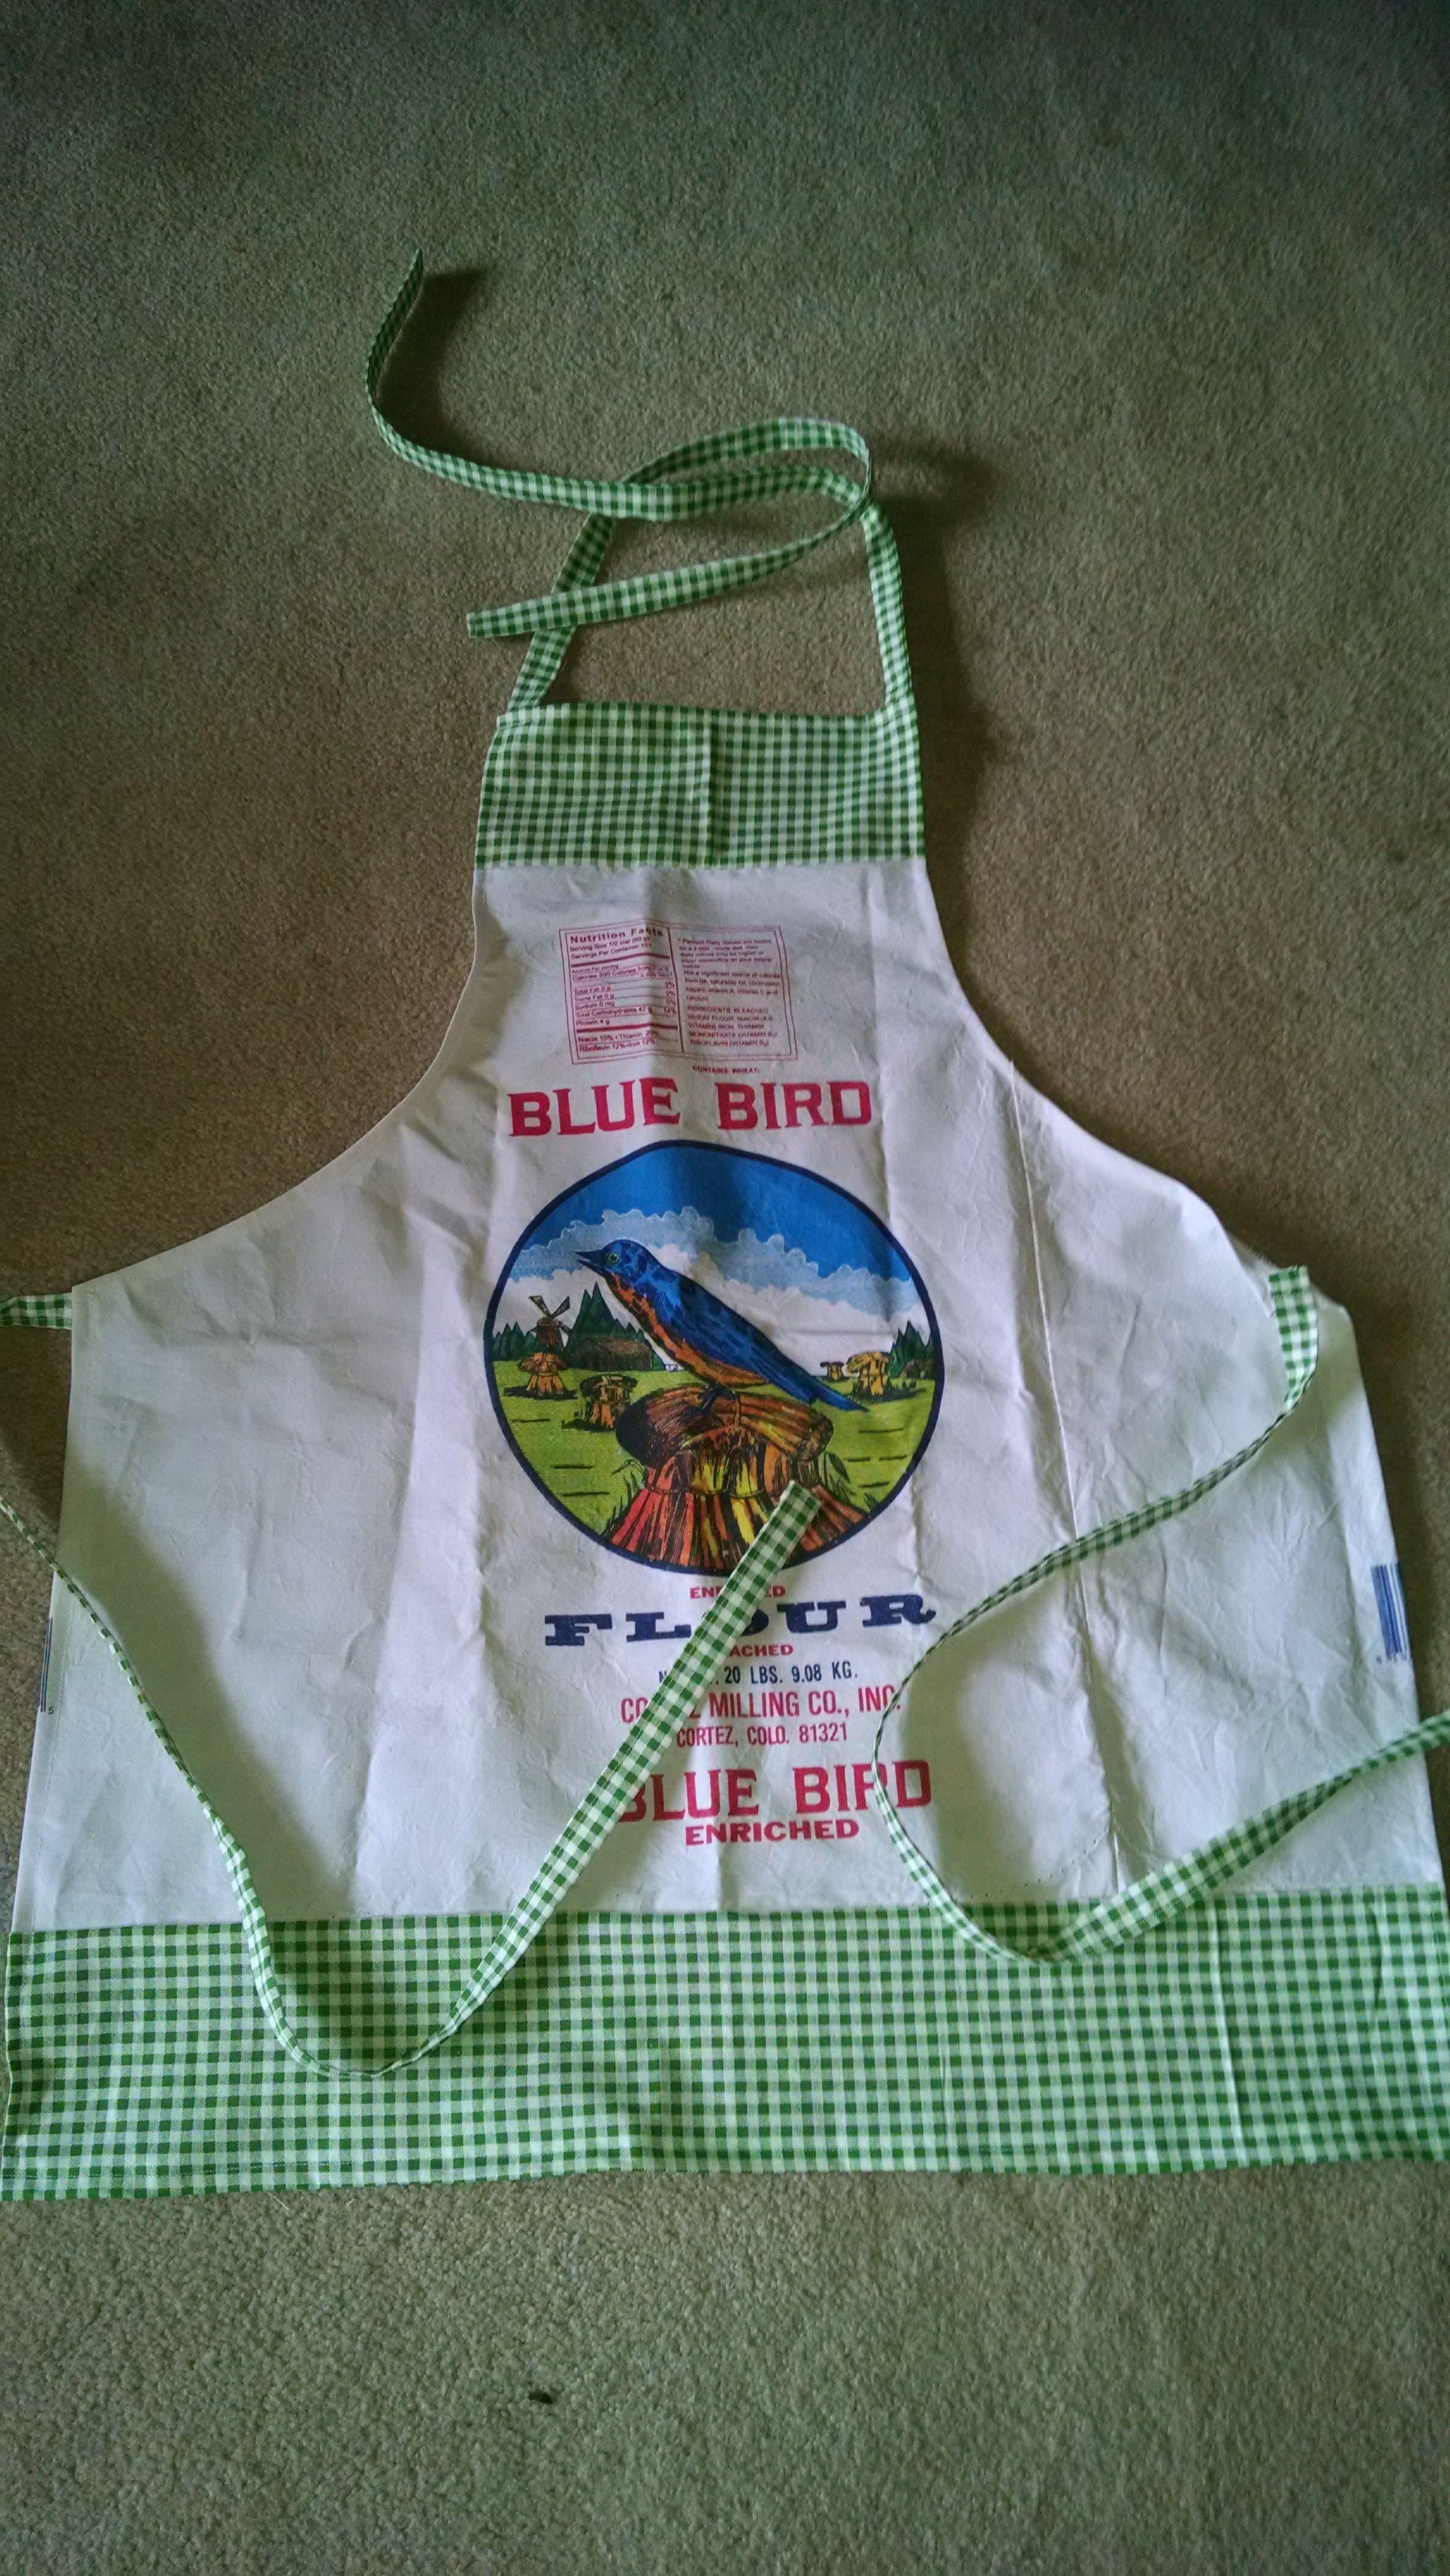 Blue bird flour sack apron with green gingham trim www.pietownaprons.com